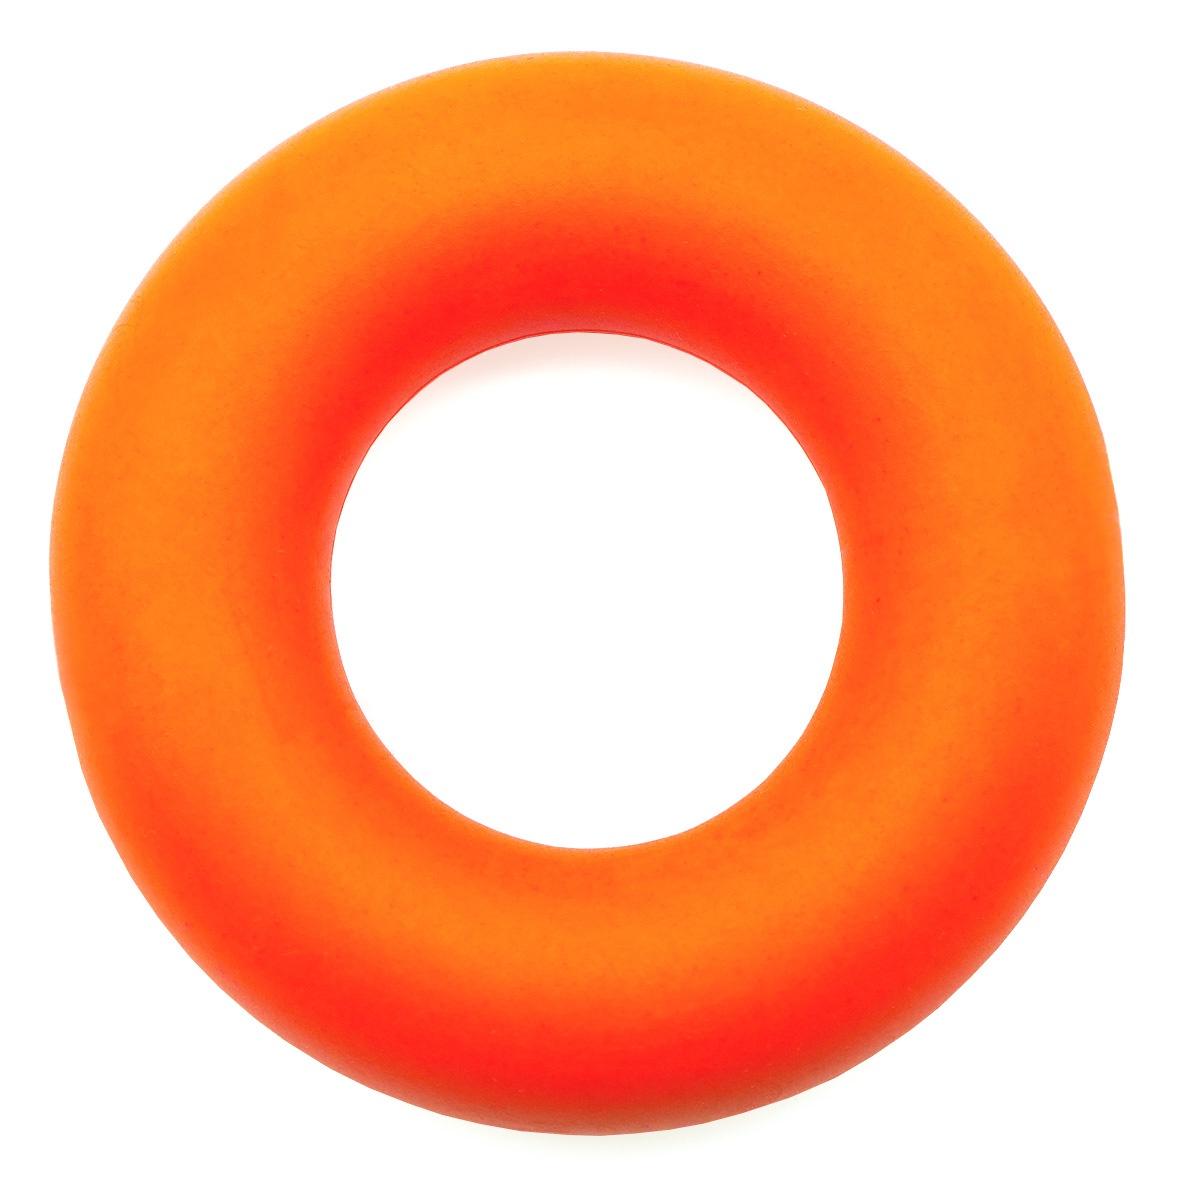 цена на Кистевой тренажер Aspire H180701-30OG, оранжевый